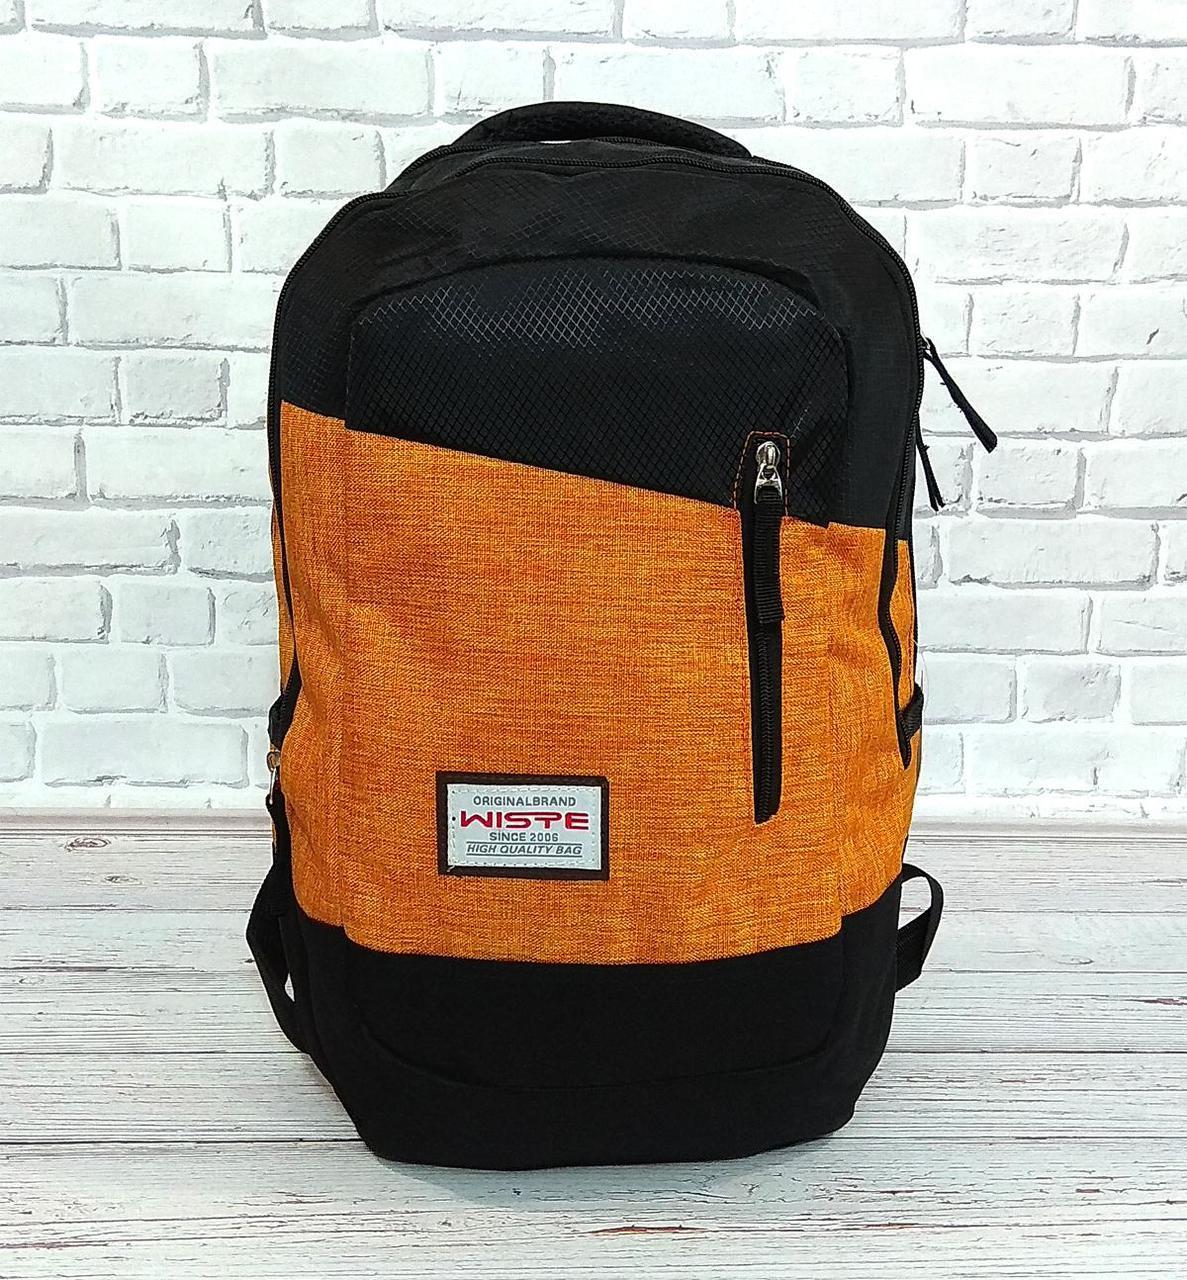 Рюкзак Wiste желтый с черным. Городской, школьный.